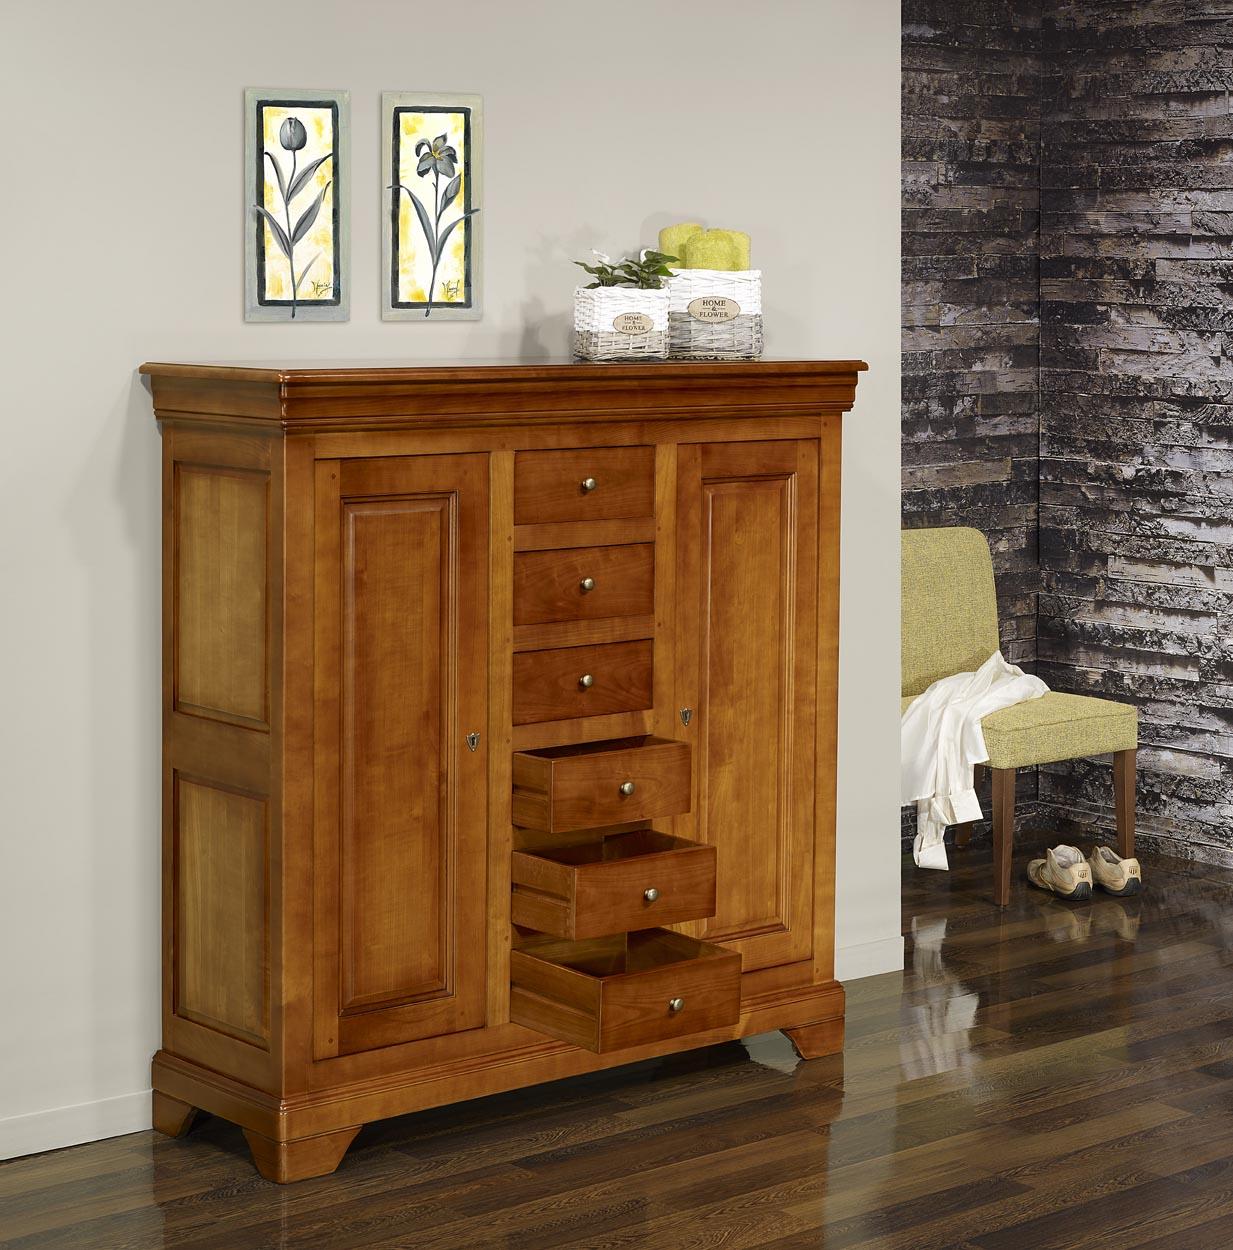 bahut 2 portes 6 tiroirs en merisier massif de style louis philippe meuble en merisier massif. Black Bedroom Furniture Sets. Home Design Ideas